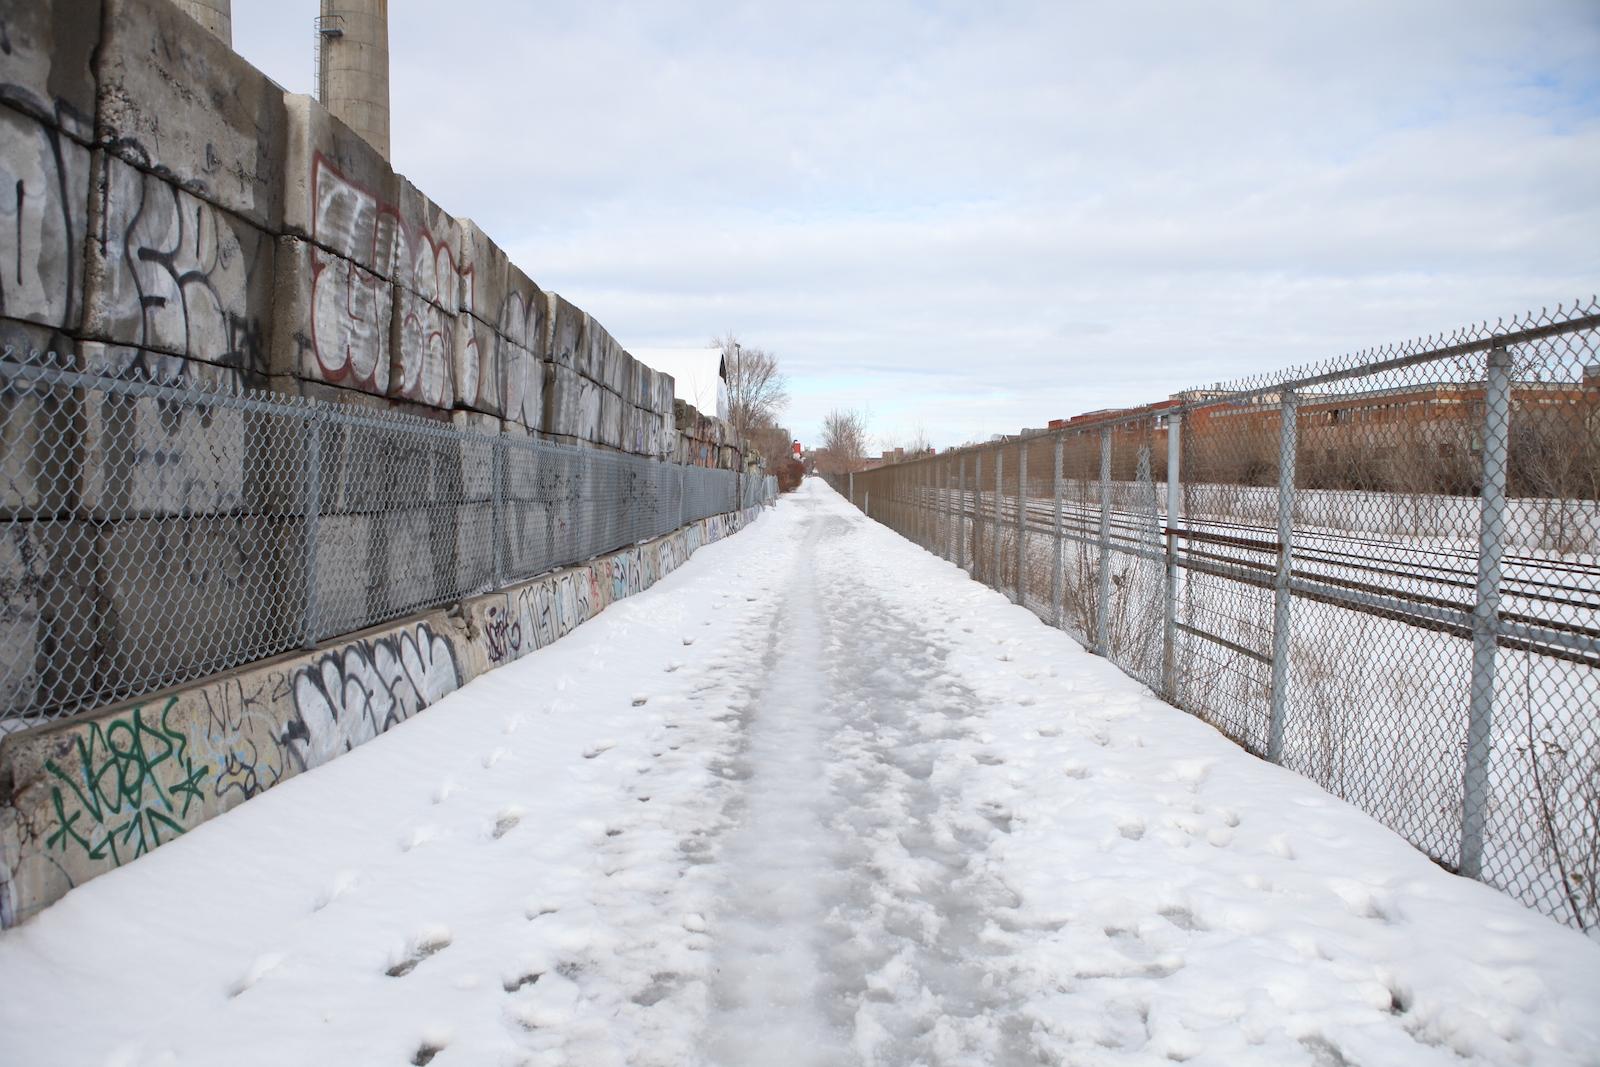 03 Chemin des Carrières - Capture photo 5 - Sounding the City 001 - Montréal 2015-2016